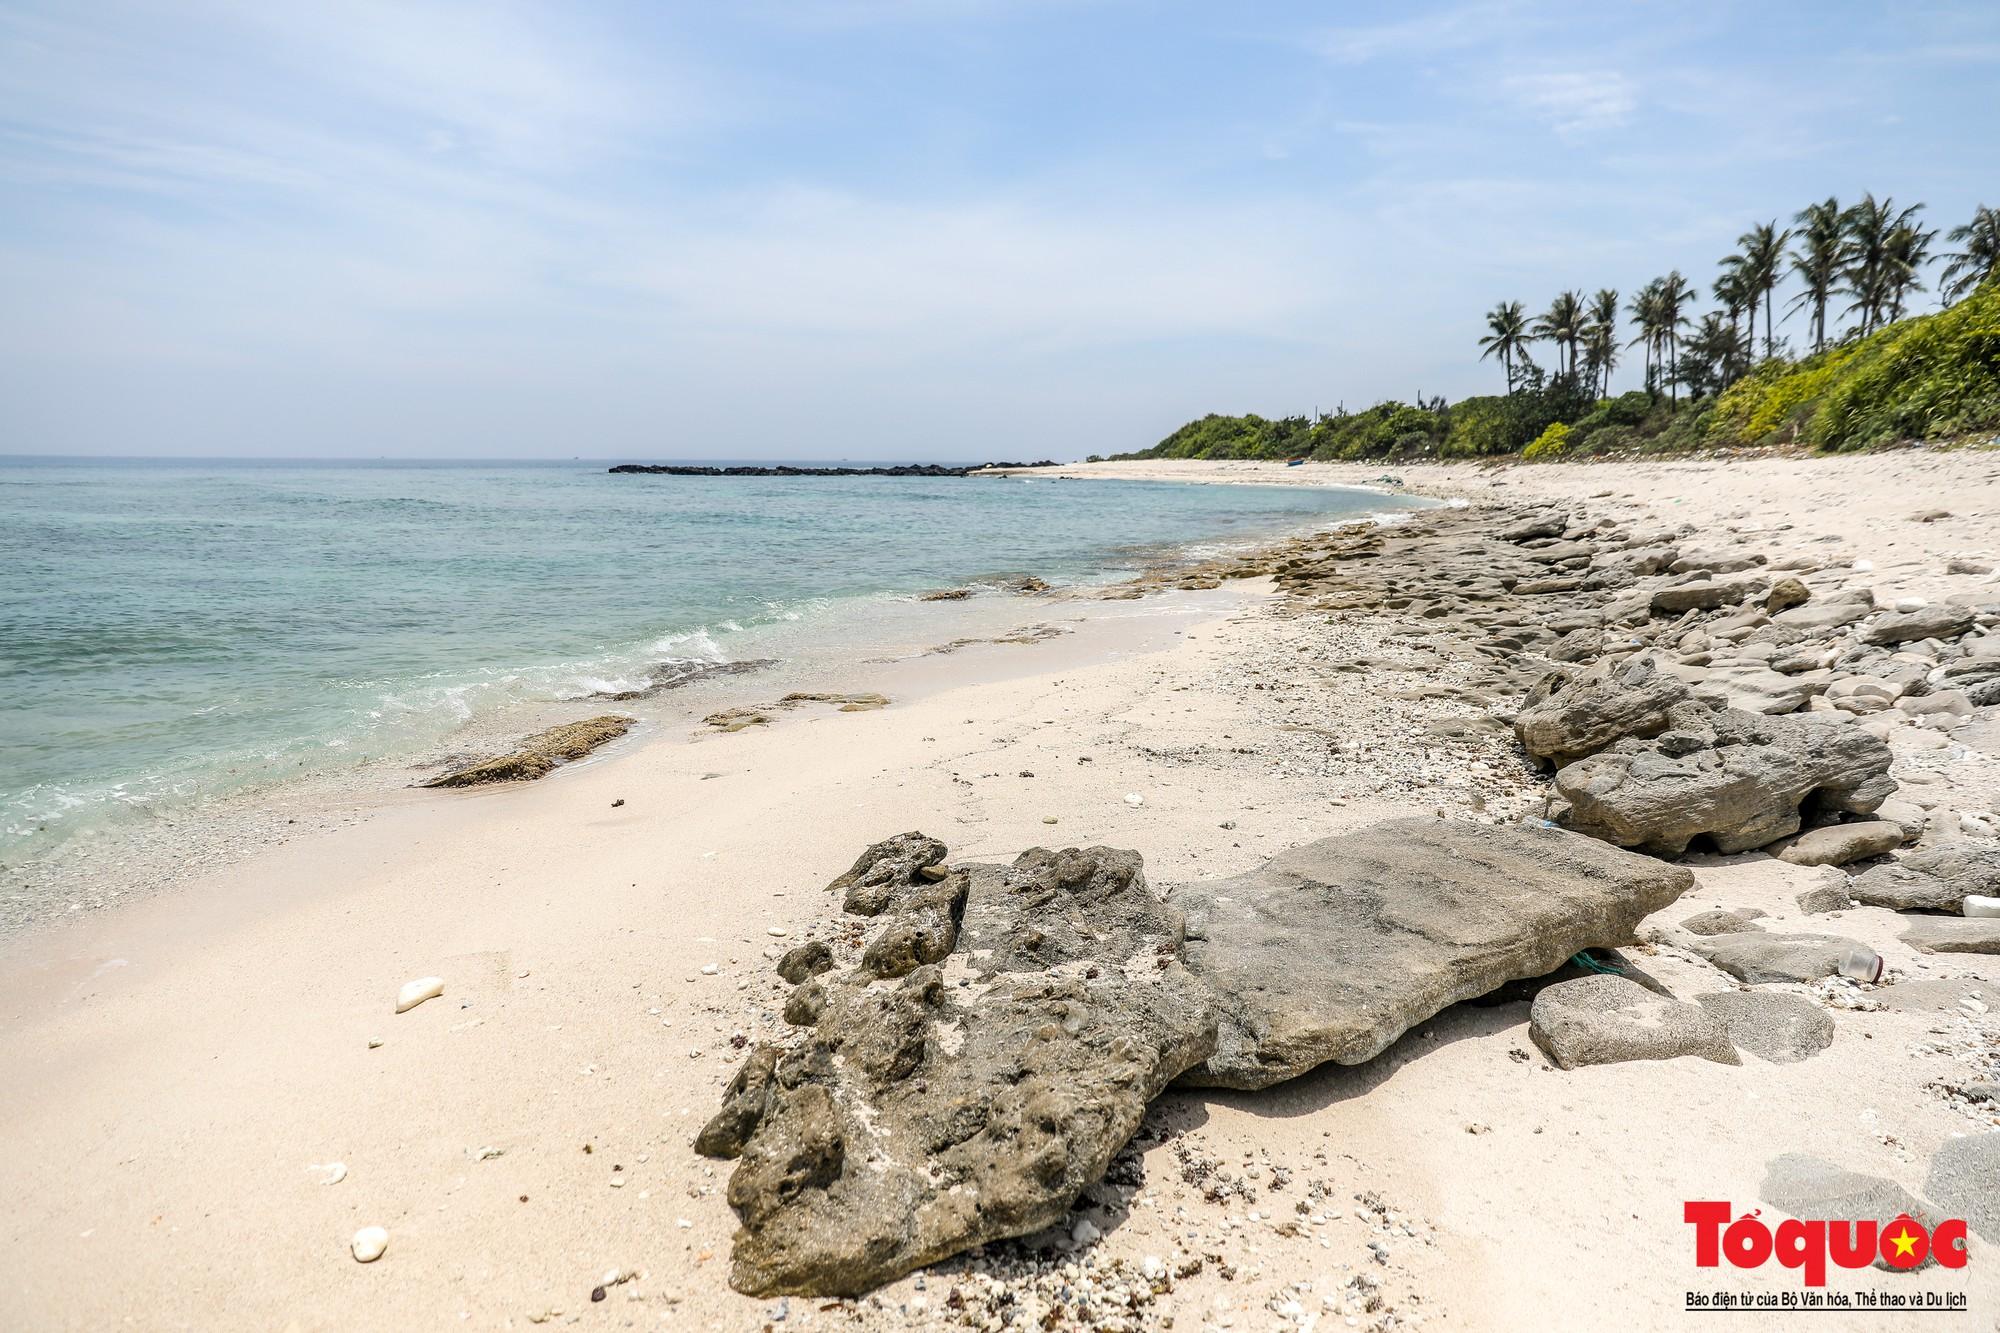 Ngỡ ngàng trước vẻ đẹp hoang sơ như thiên đường nhỏ của Đảo Bé, Lý Sơn - Ảnh 3.